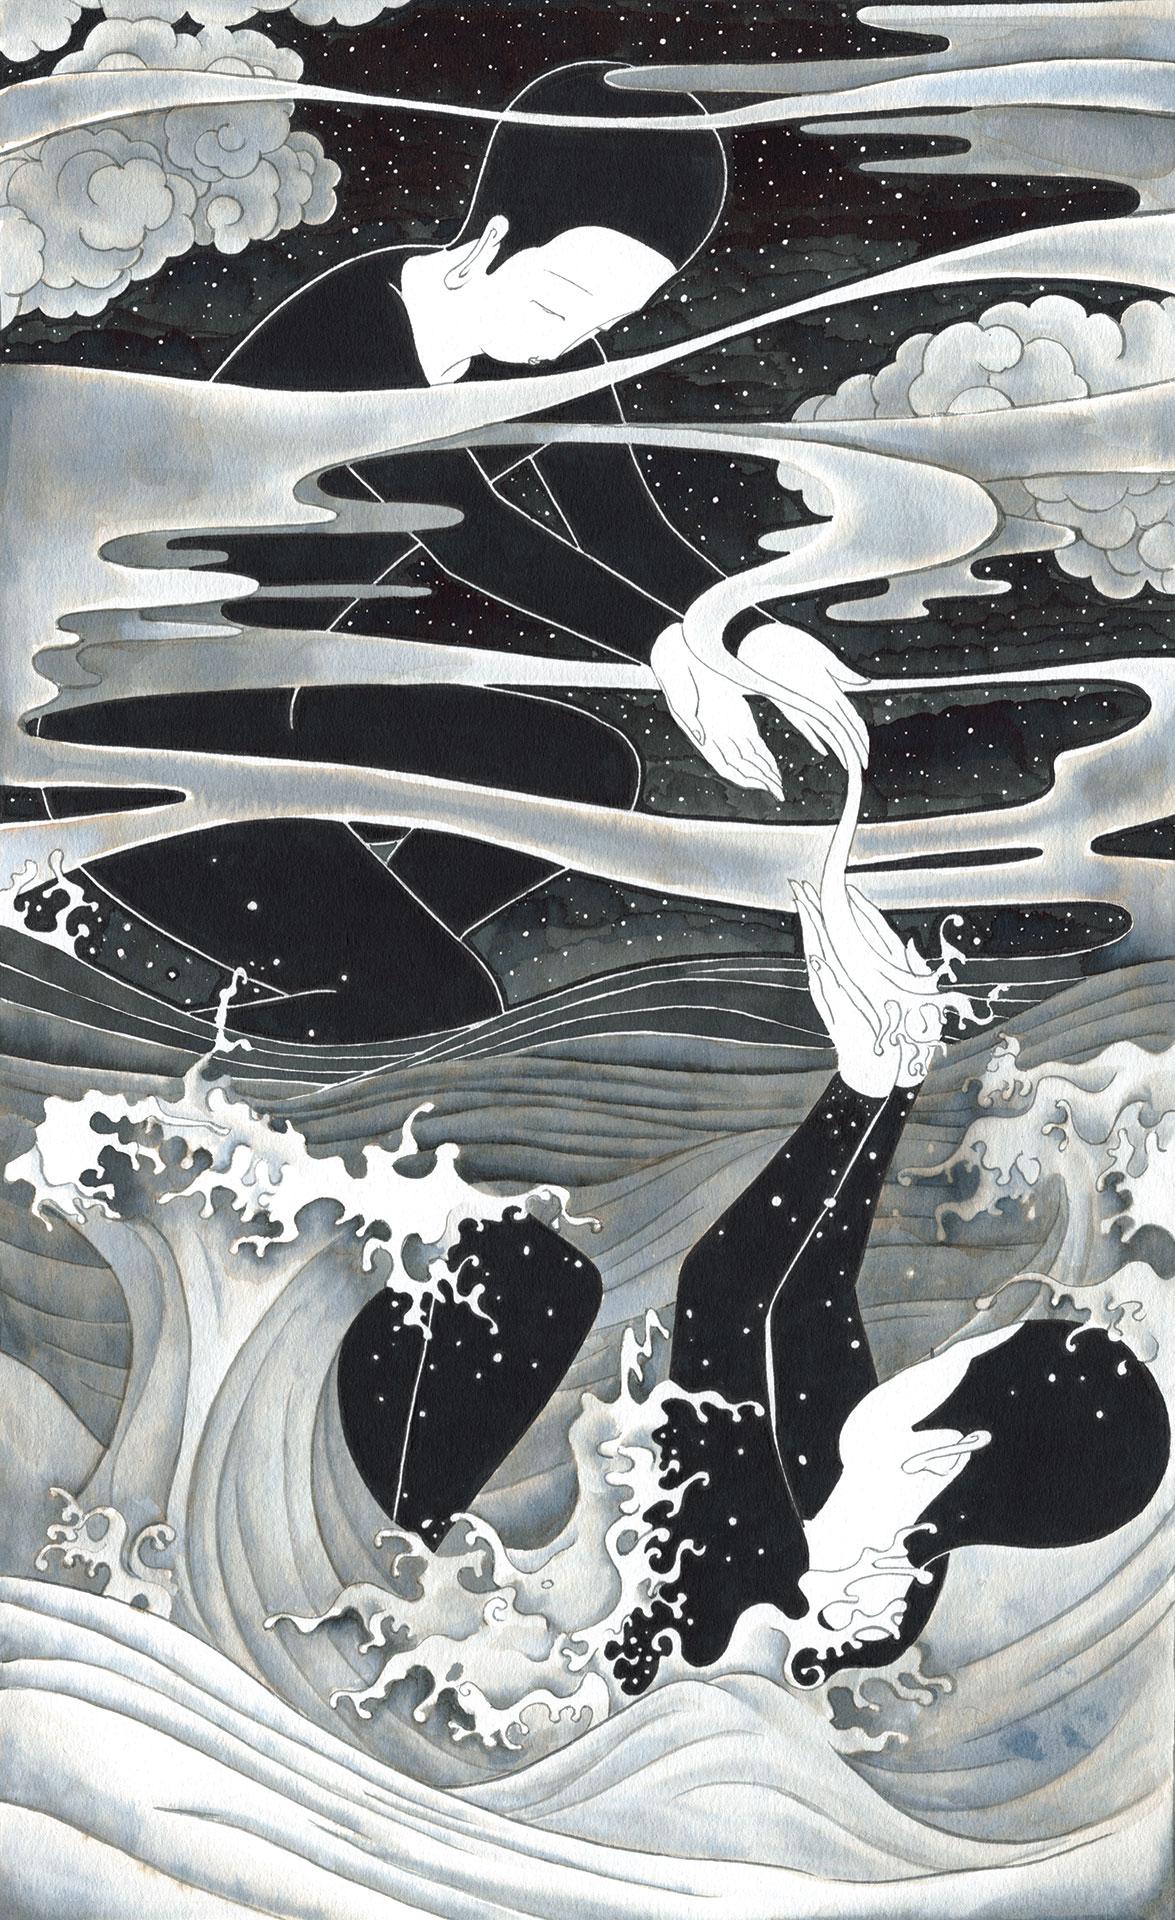 氣  /  Wind Water   Op. 0201C -18.5 x 30.5 cm,Ink on paper, 2018